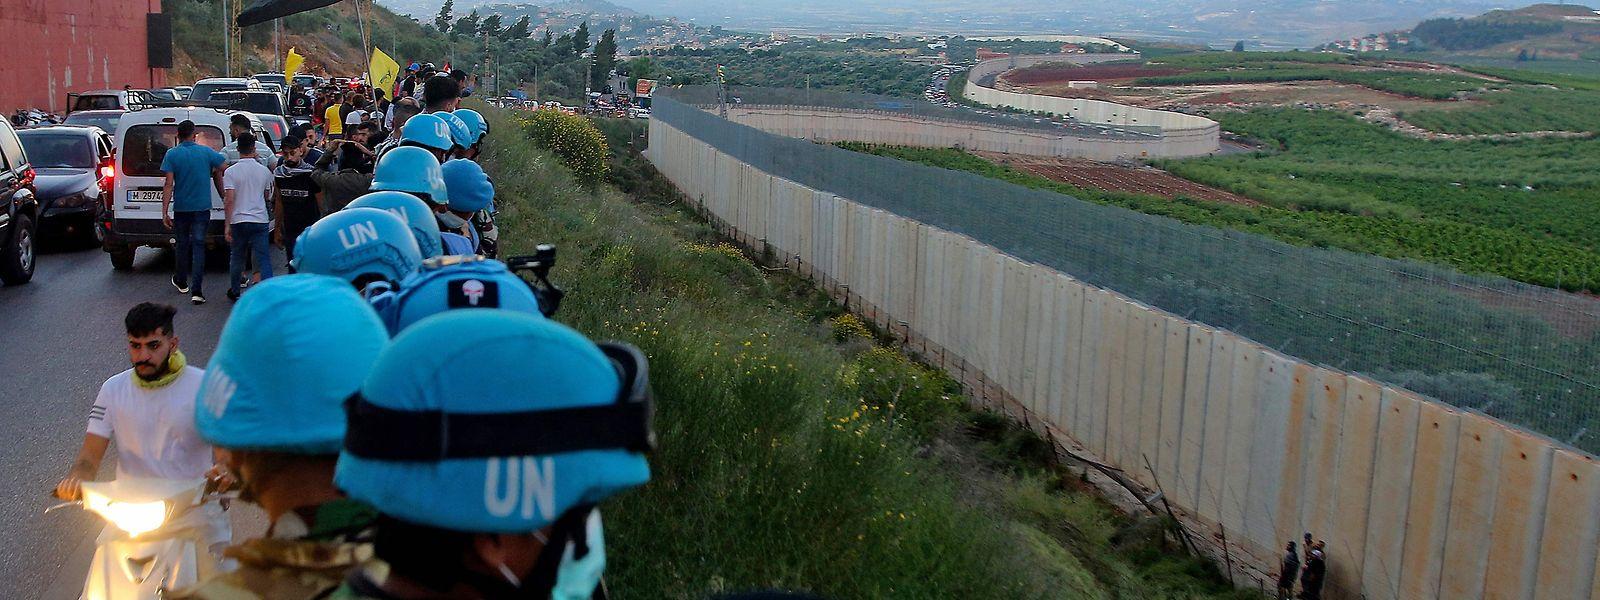 Mit Unterstützung von UN-Blauhelmsoldaten versucht die libanesische Armee, ihre Grenze zu Israel vor dem Ansturm wütender, pro-palästinensischer Demonstranten zu schützen.